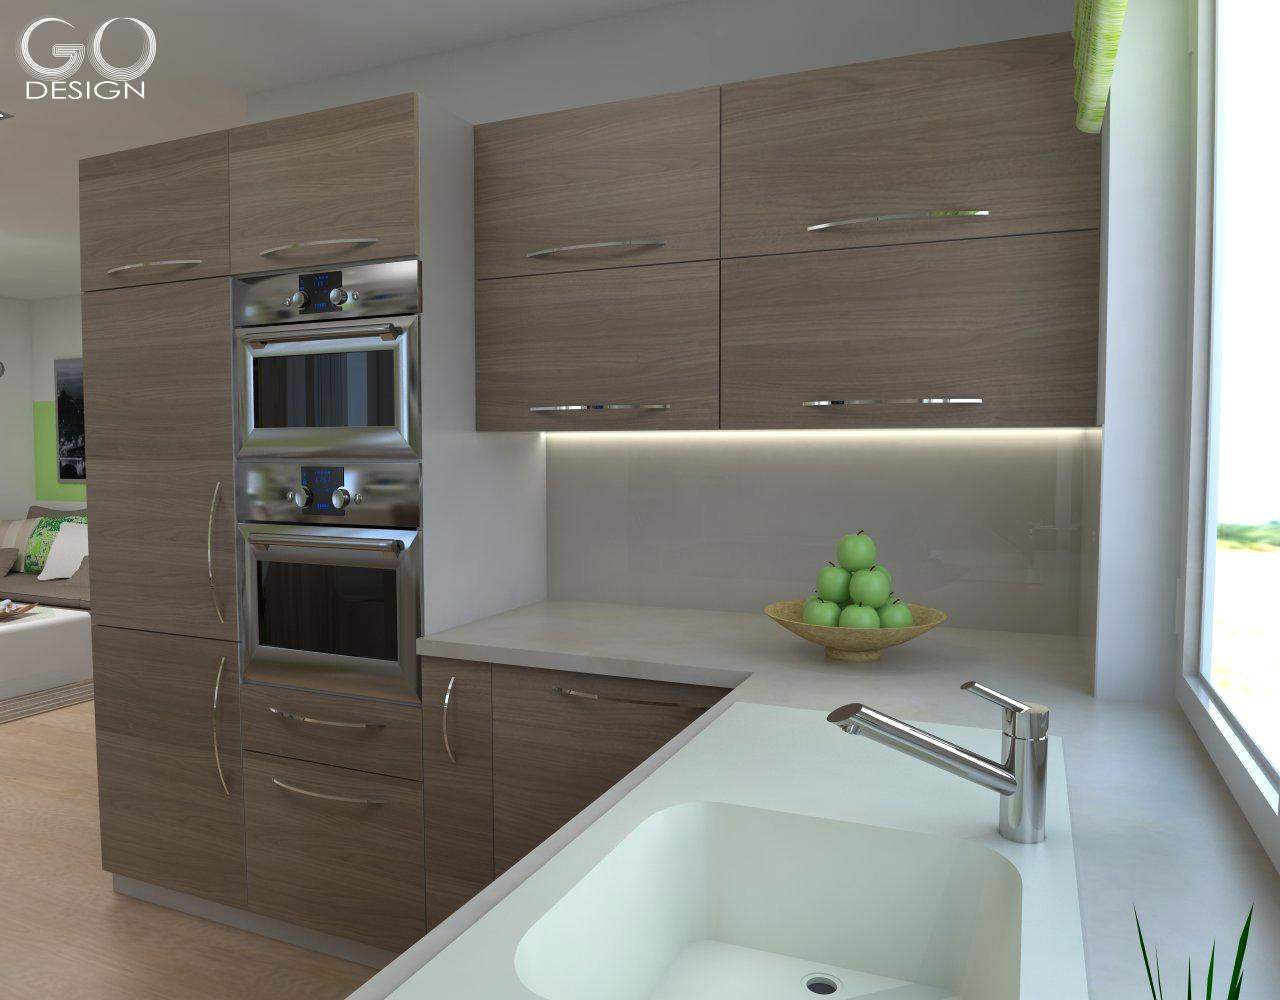 Rodinný domček so sviežim interiérom pre mladý pár - Viničné - Kuchyňa ponúka dostatok pracovného i úložného priestoru